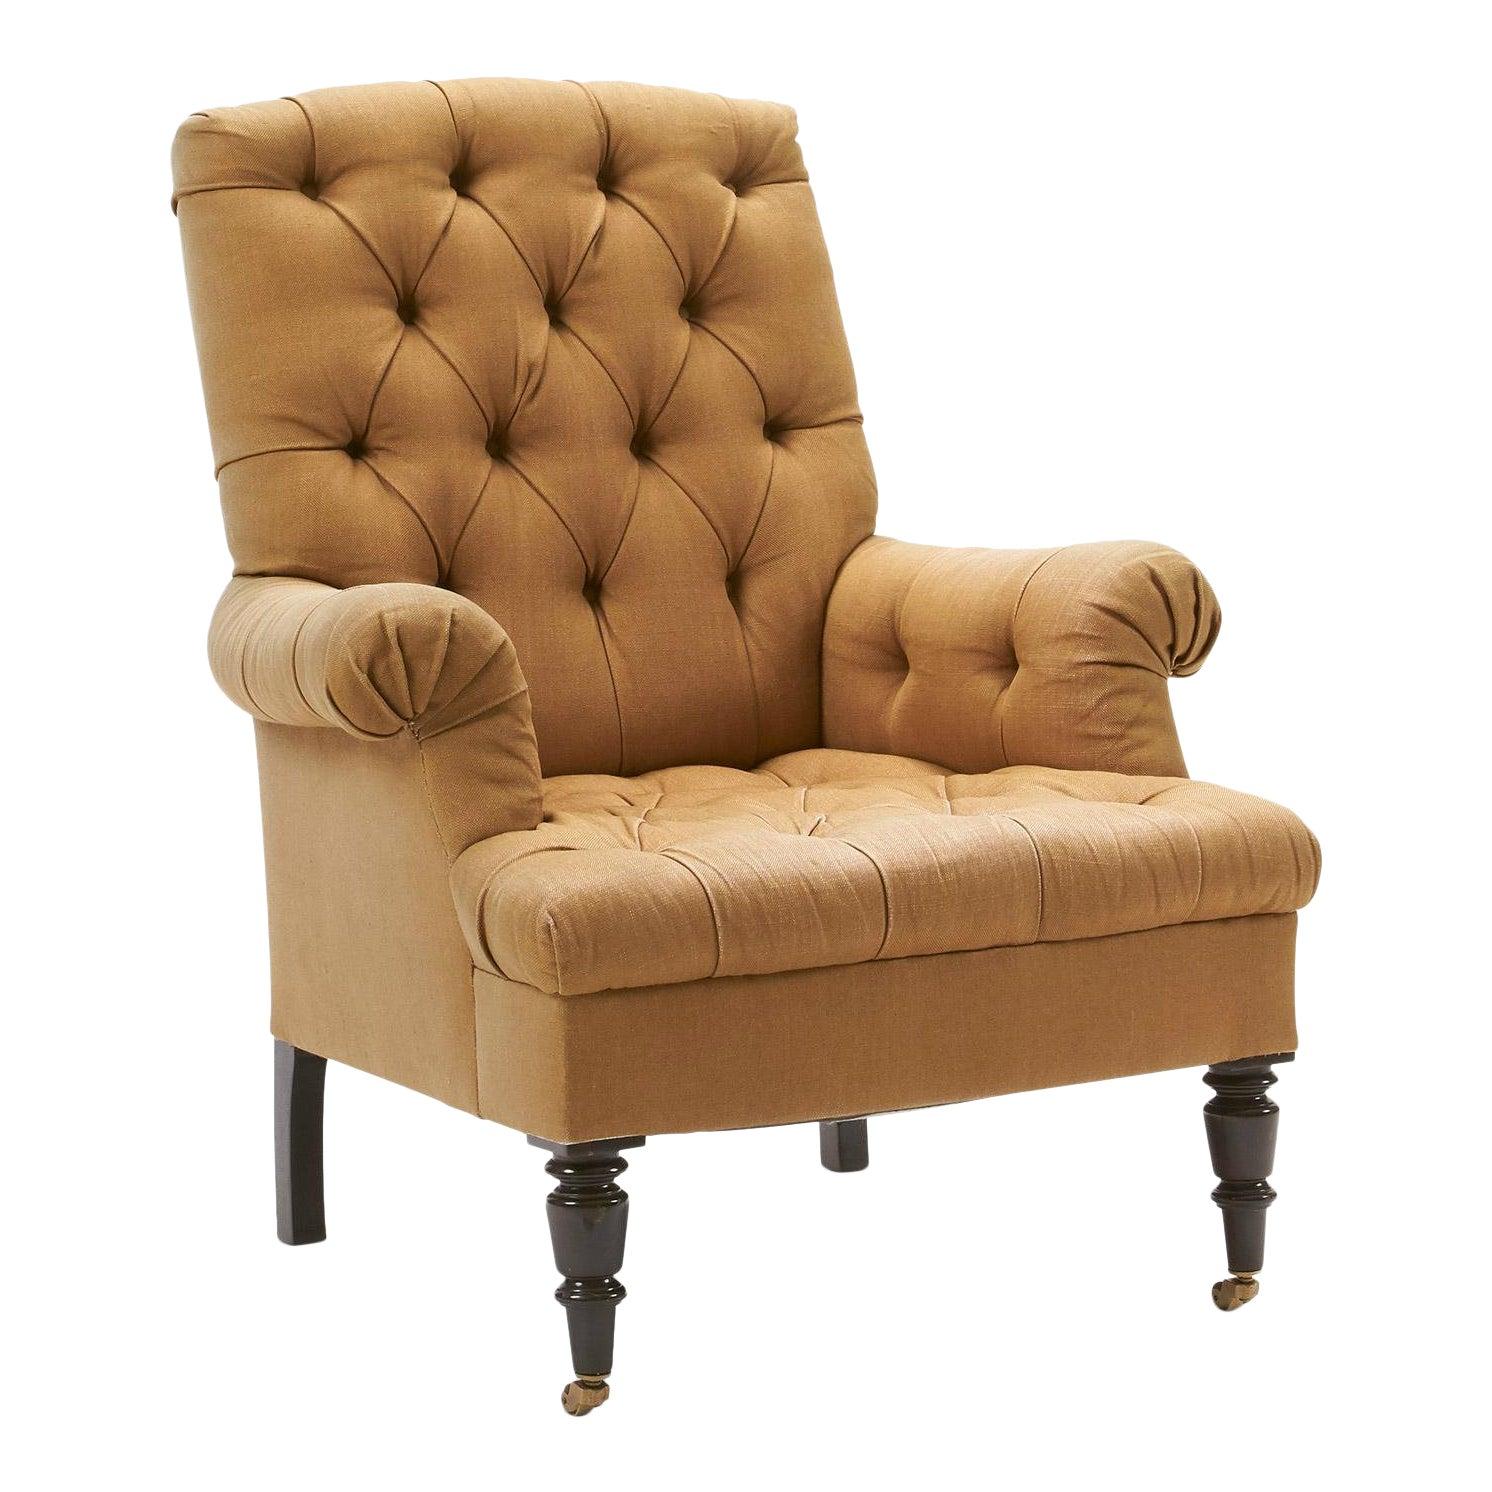 Pleasant Vintage Linen Button Tufted Armchair By Nate Berkus Lamtechconsult Wood Chair Design Ideas Lamtechconsultcom